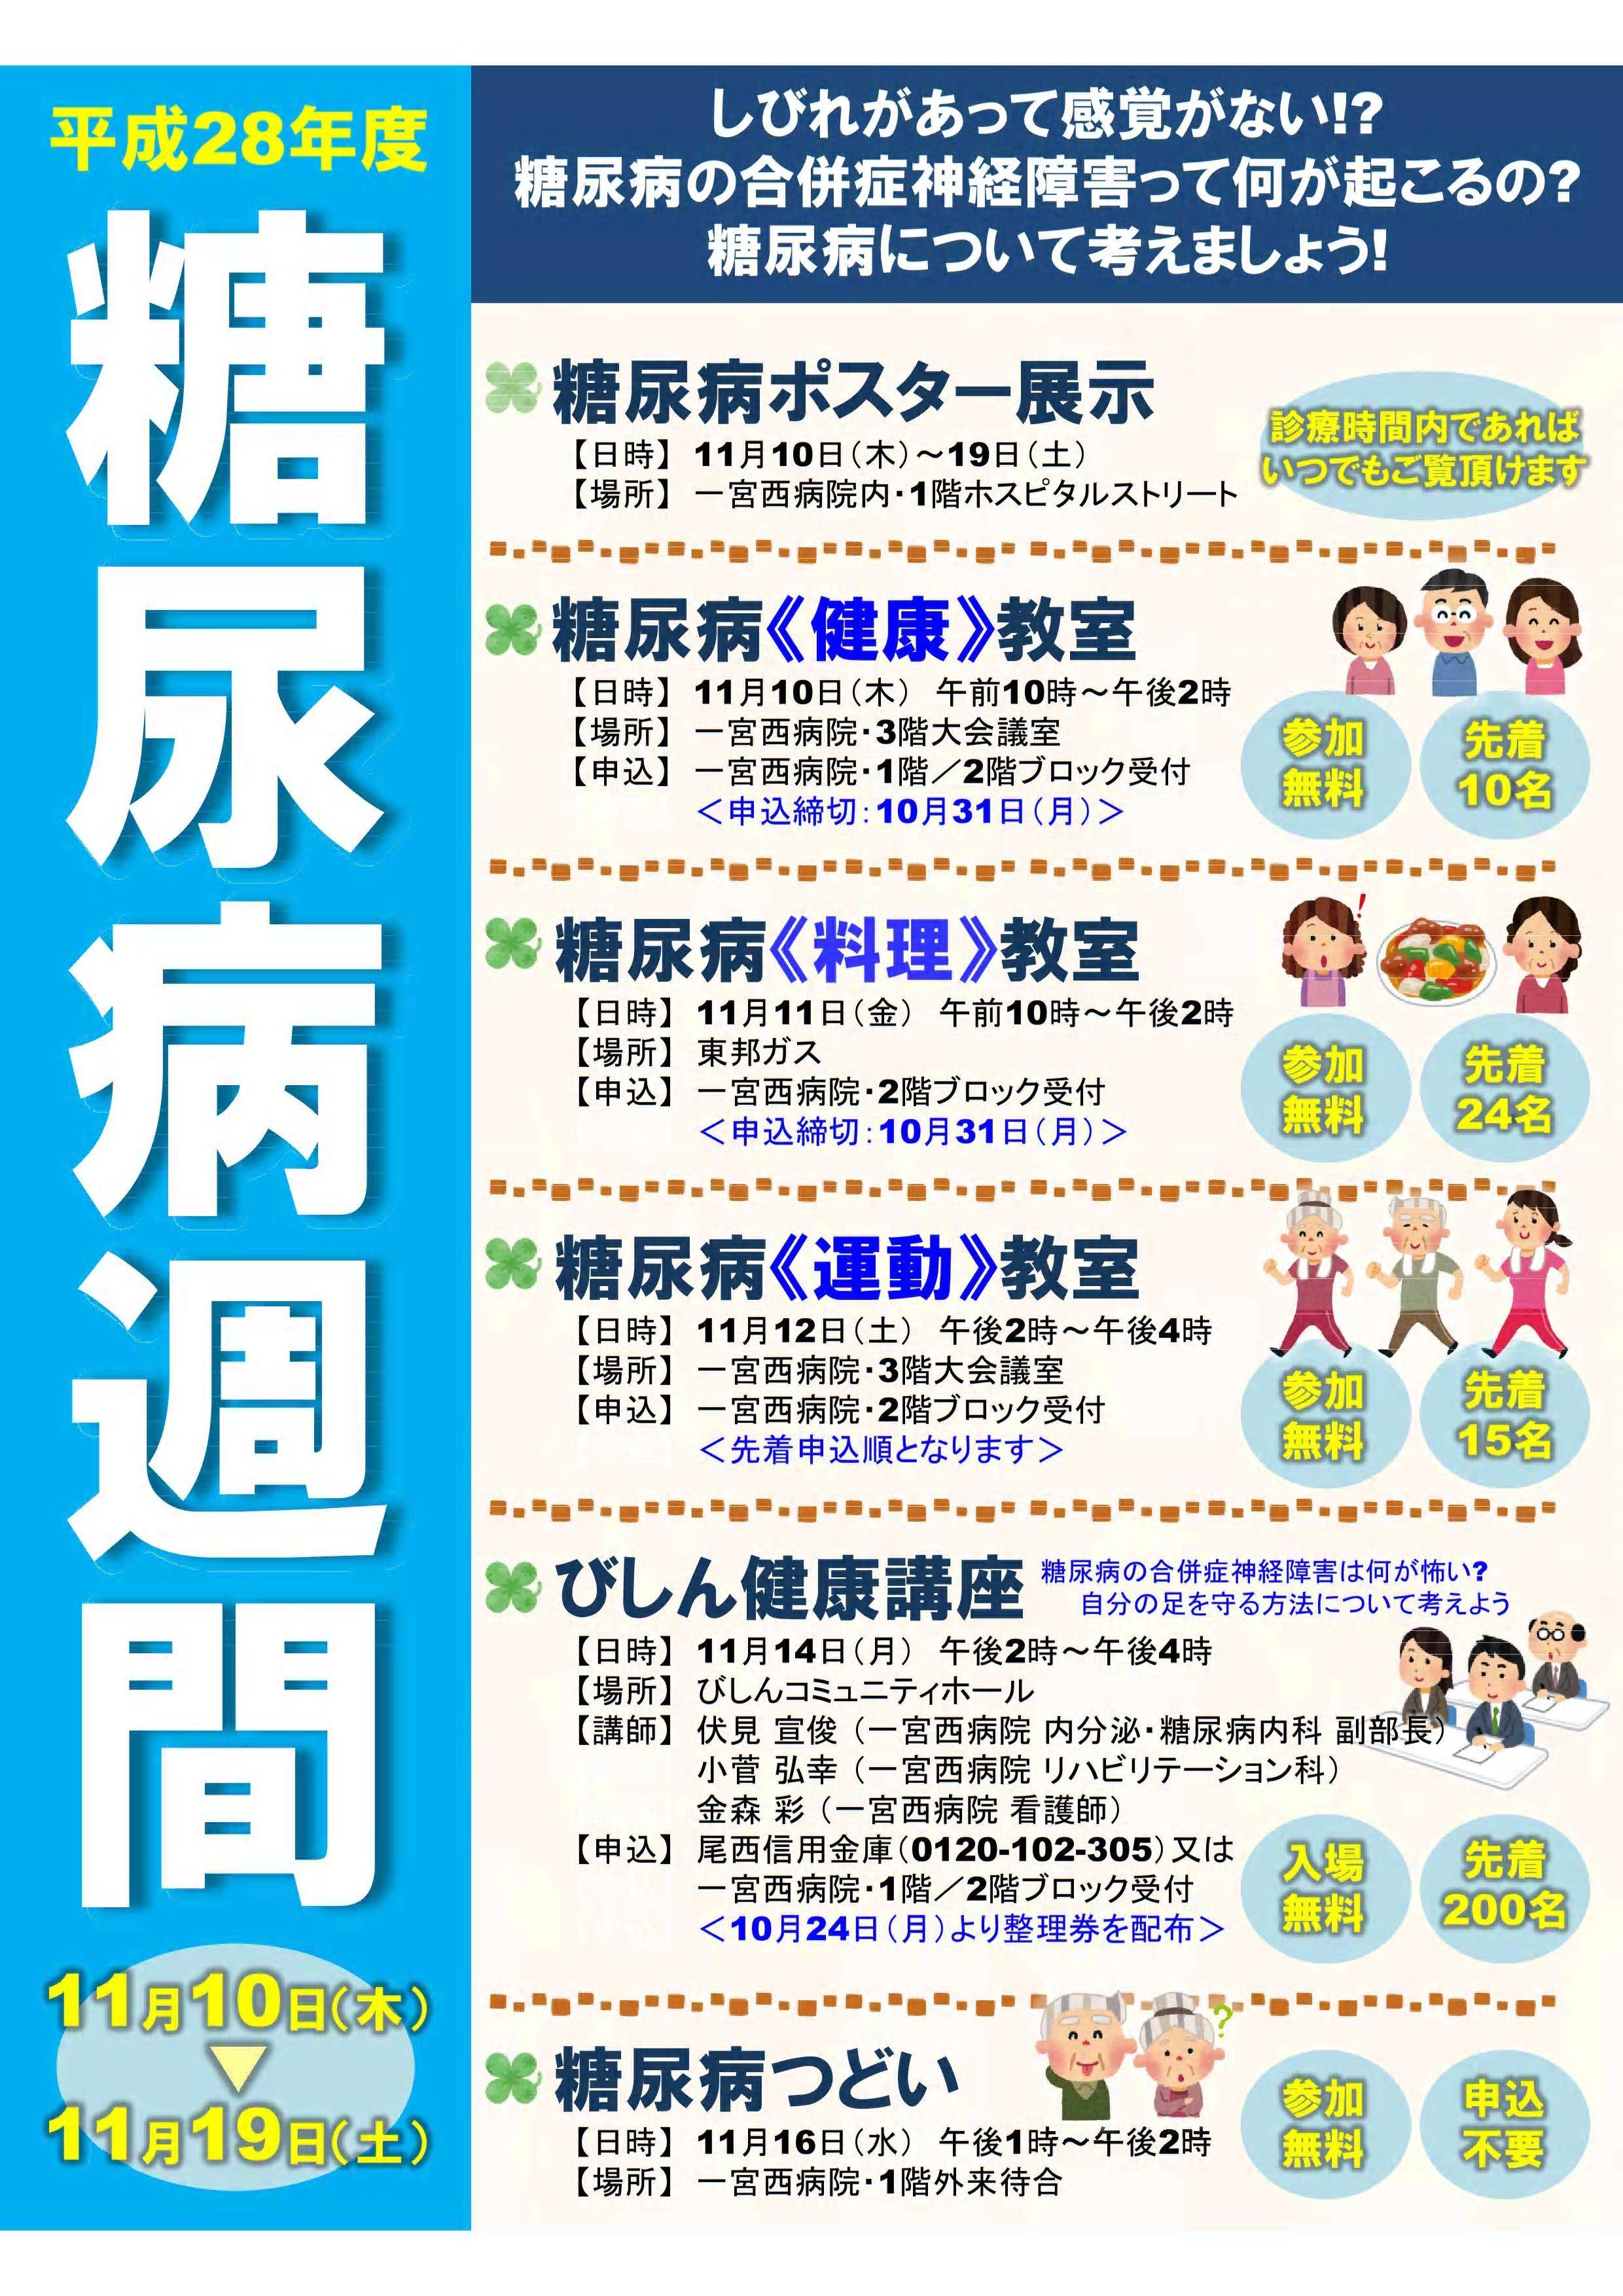 糖尿病週間(プログラム)